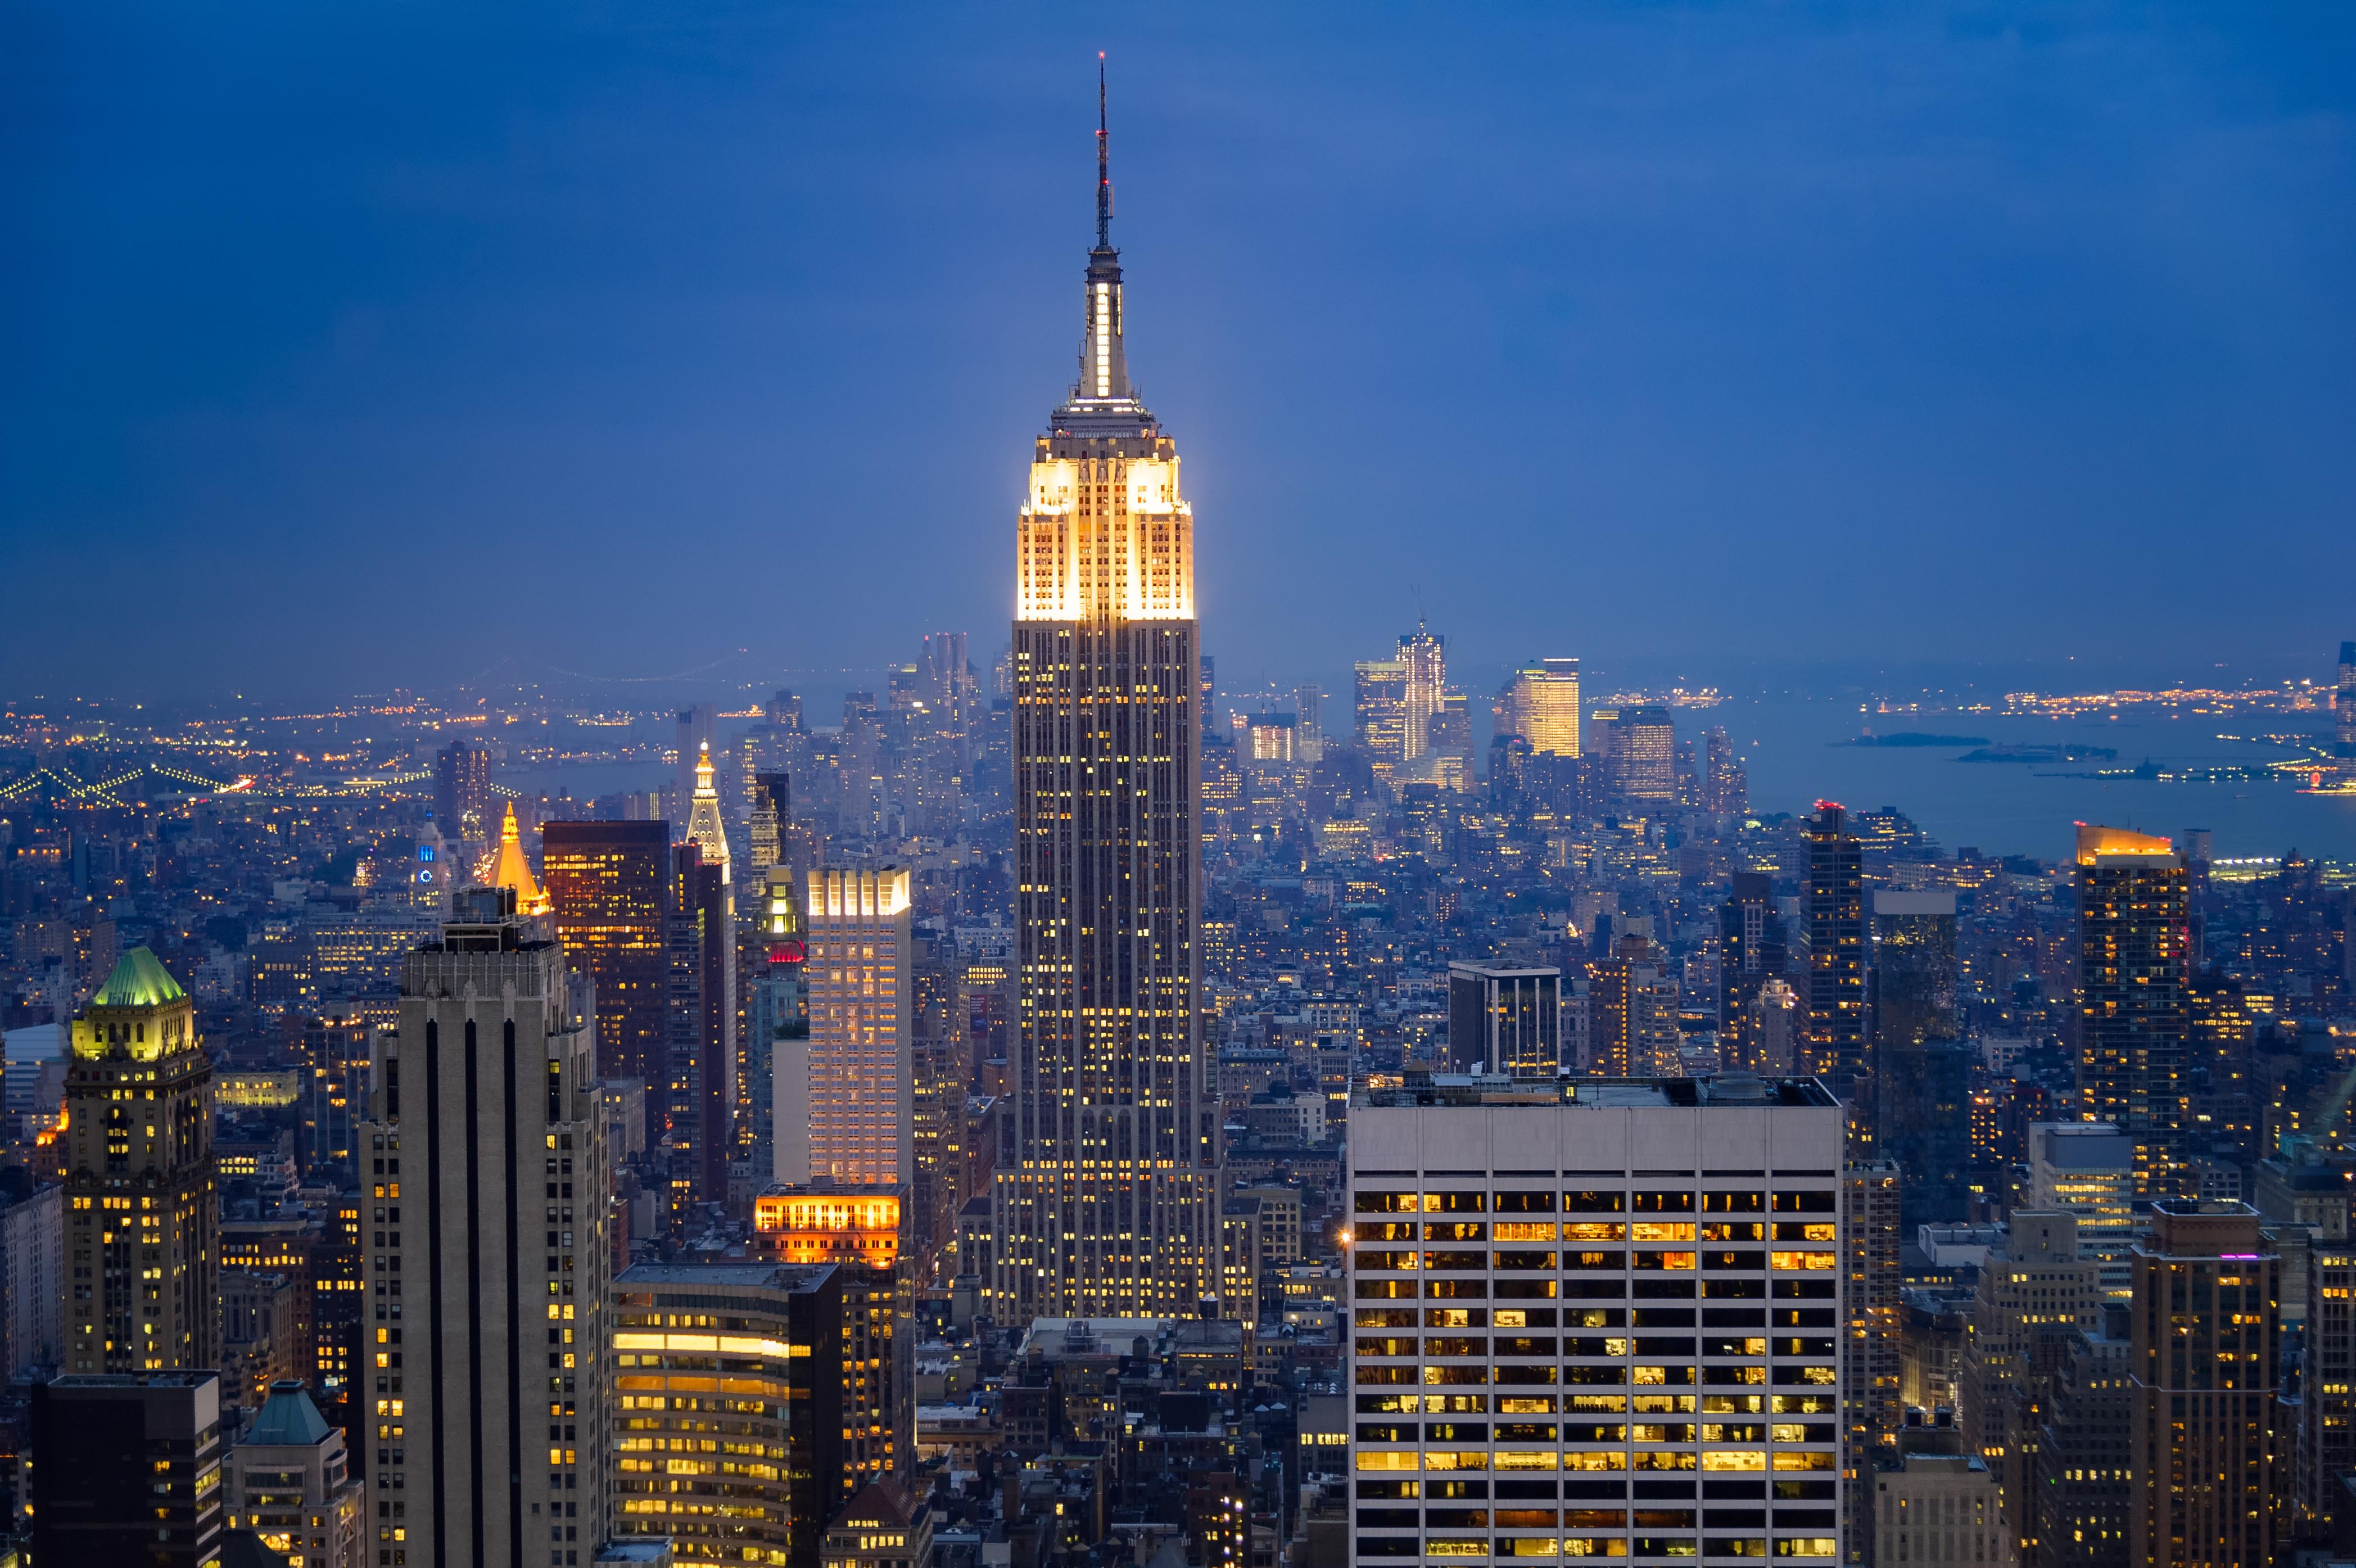 эмпайр стейт билдинг фото лет модельном бизнесе